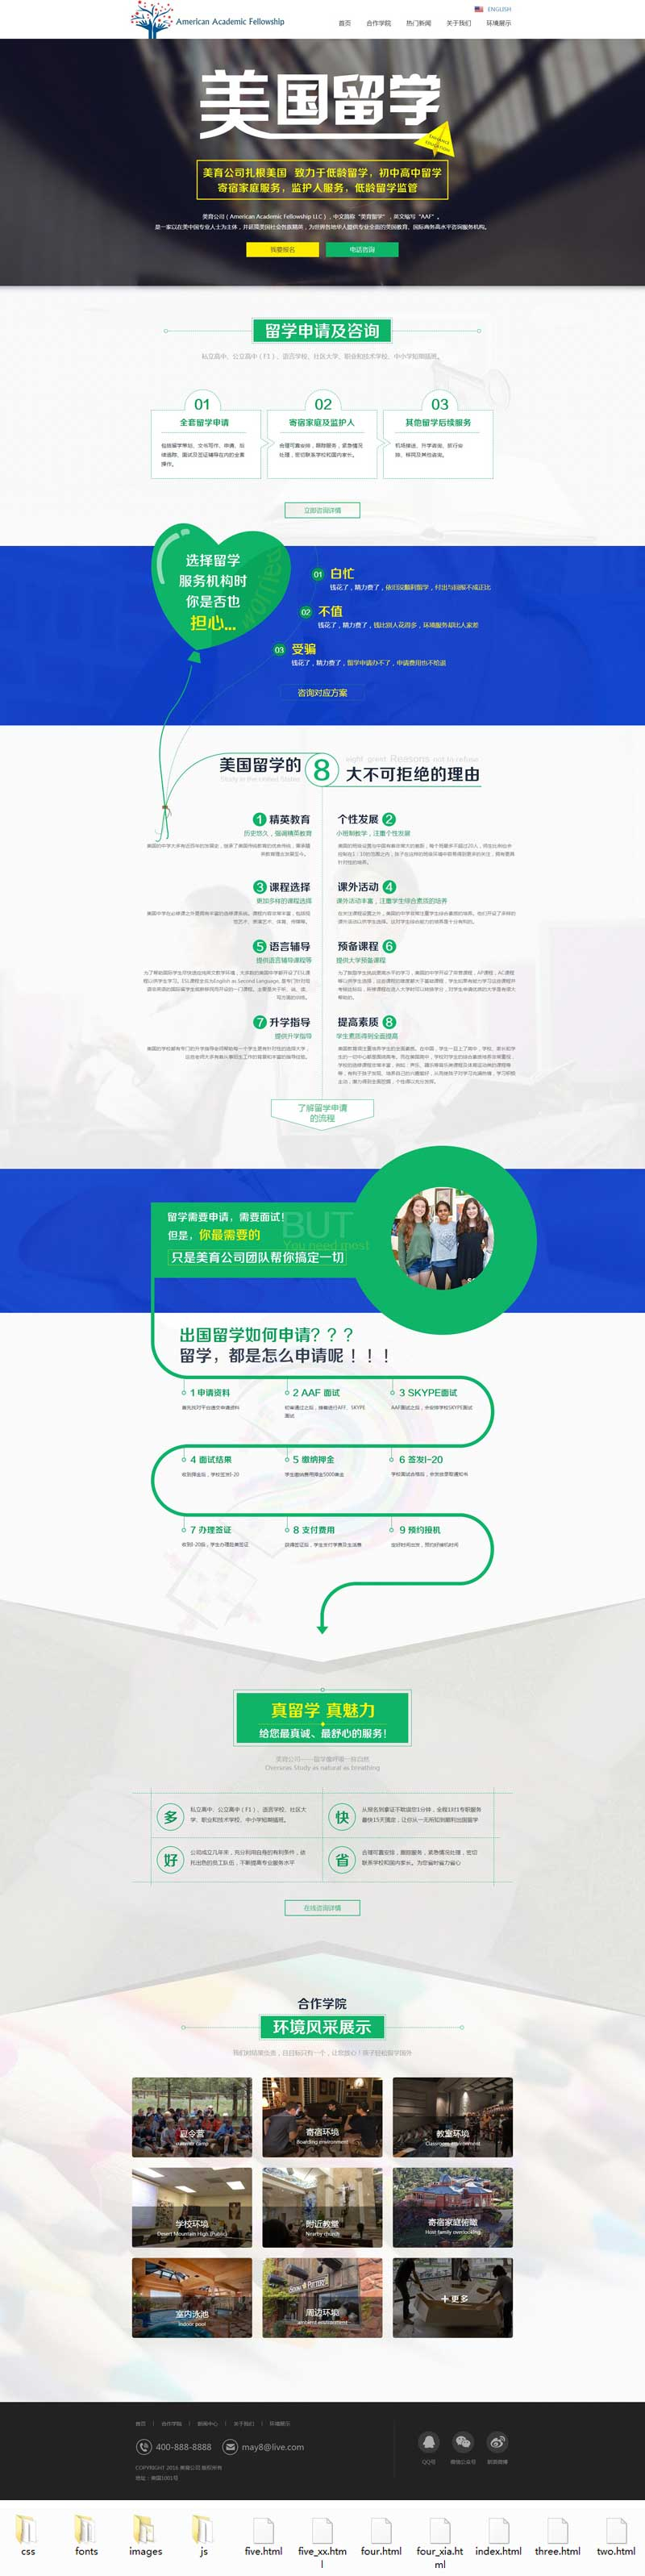 大气的国外留学平台网站html5模板下载